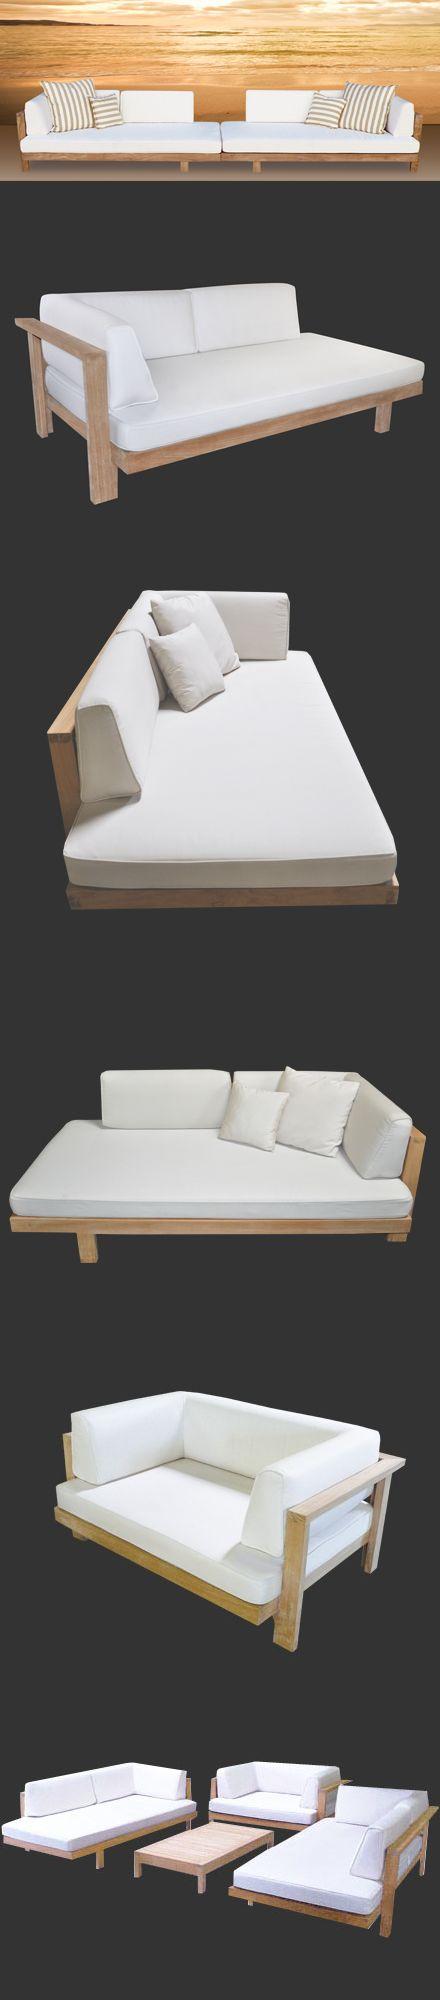 Möbel 2 recamiere plus 2 halbe weinfässer als Tisch mit steimplatte zum verbinden wenn mal nötig